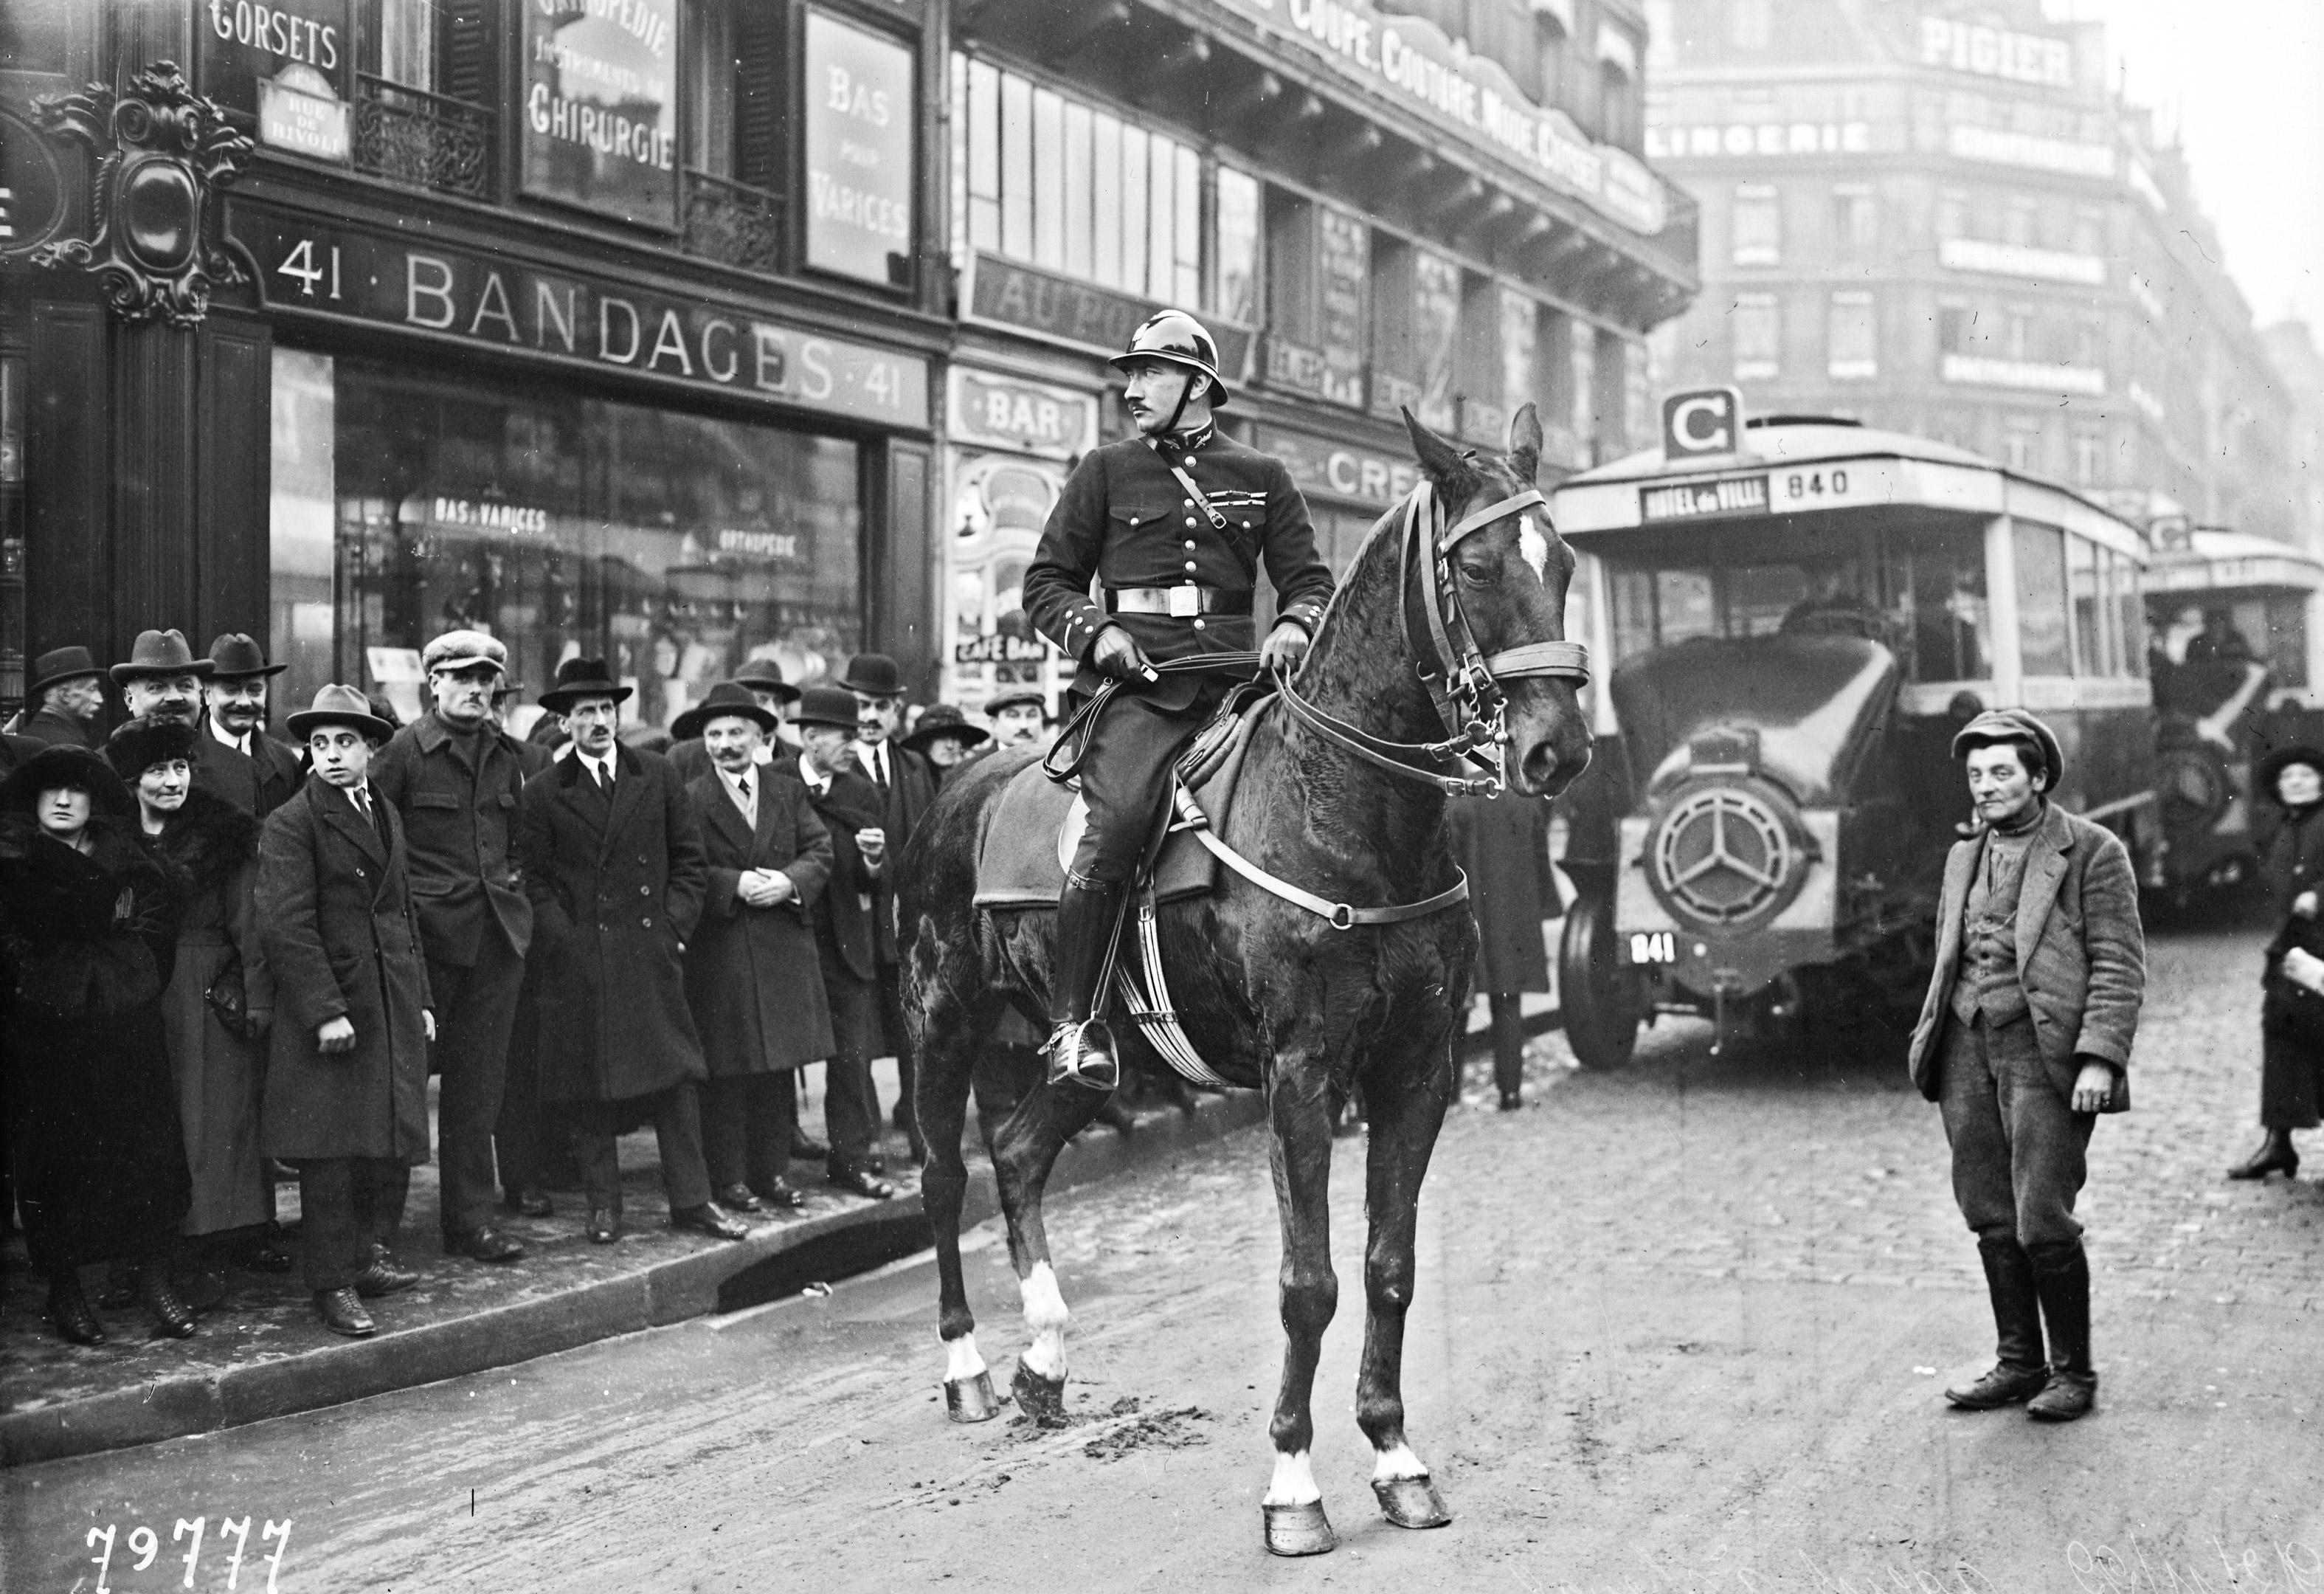 22-11-22-agent-de-la-circulation-à-cheval-photographie-de-presse-Agence-Rol-1922